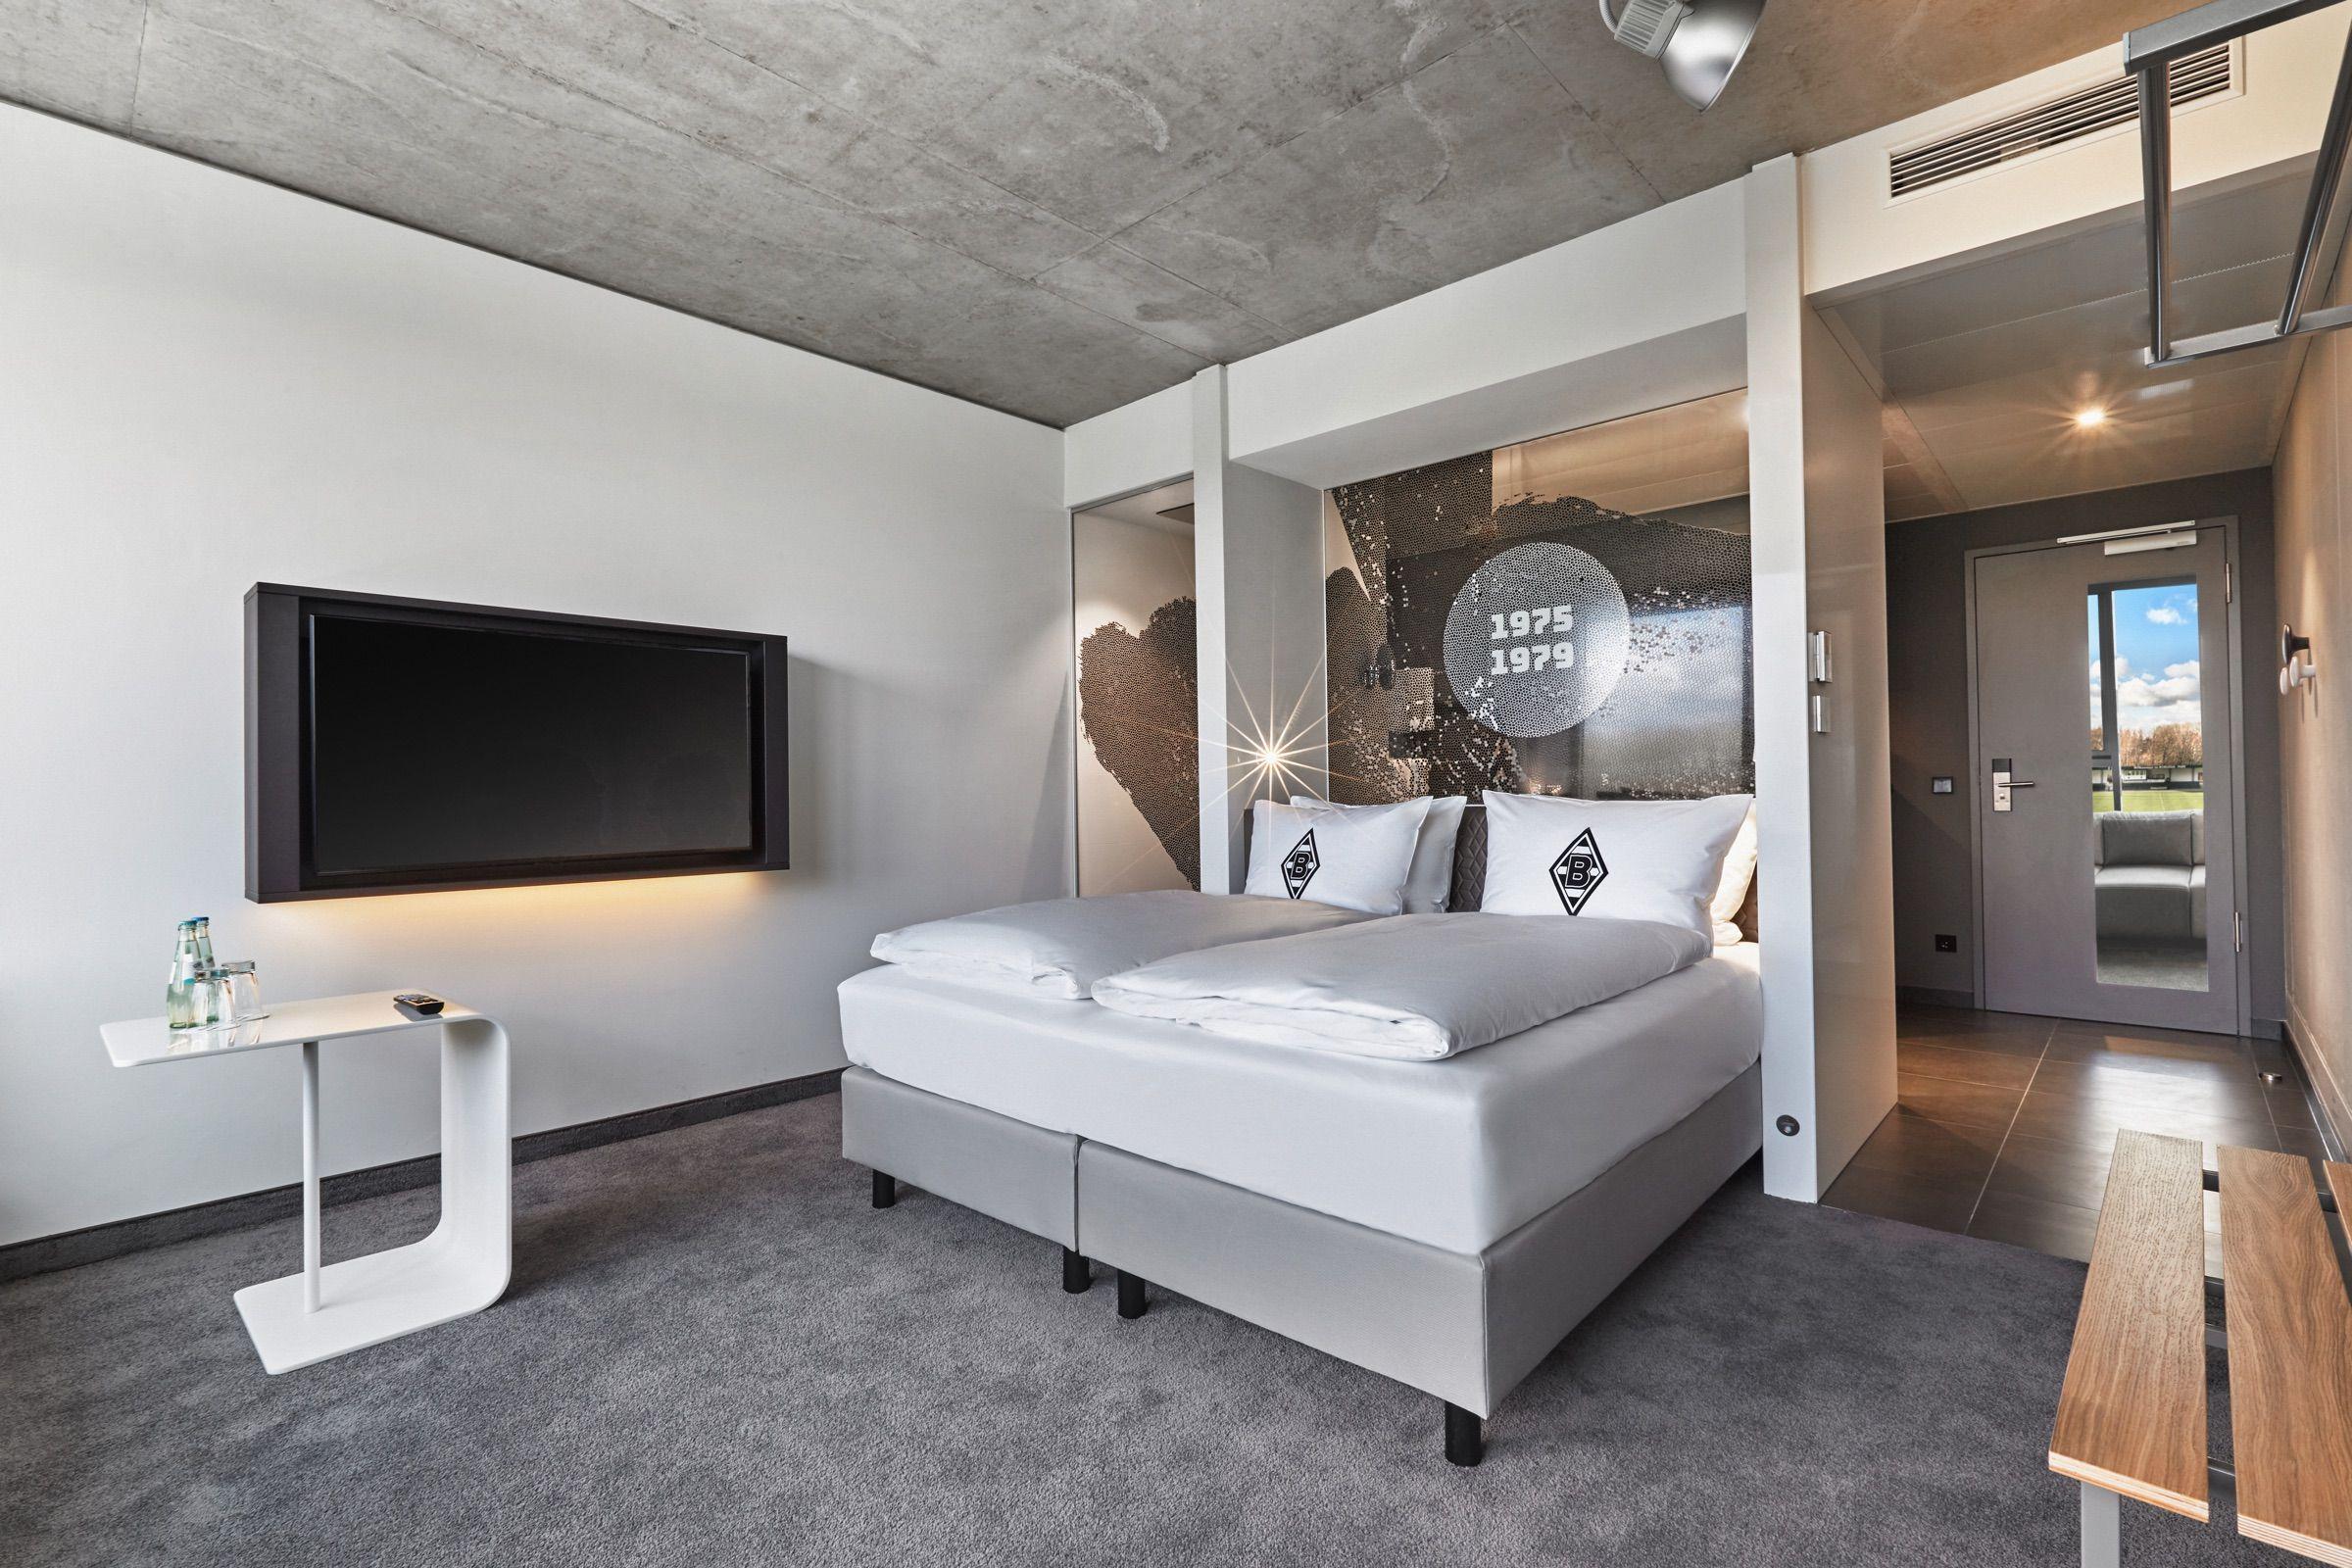 Bett Fernseher Und Ablageflachen Im Zimmer H4 Hotel